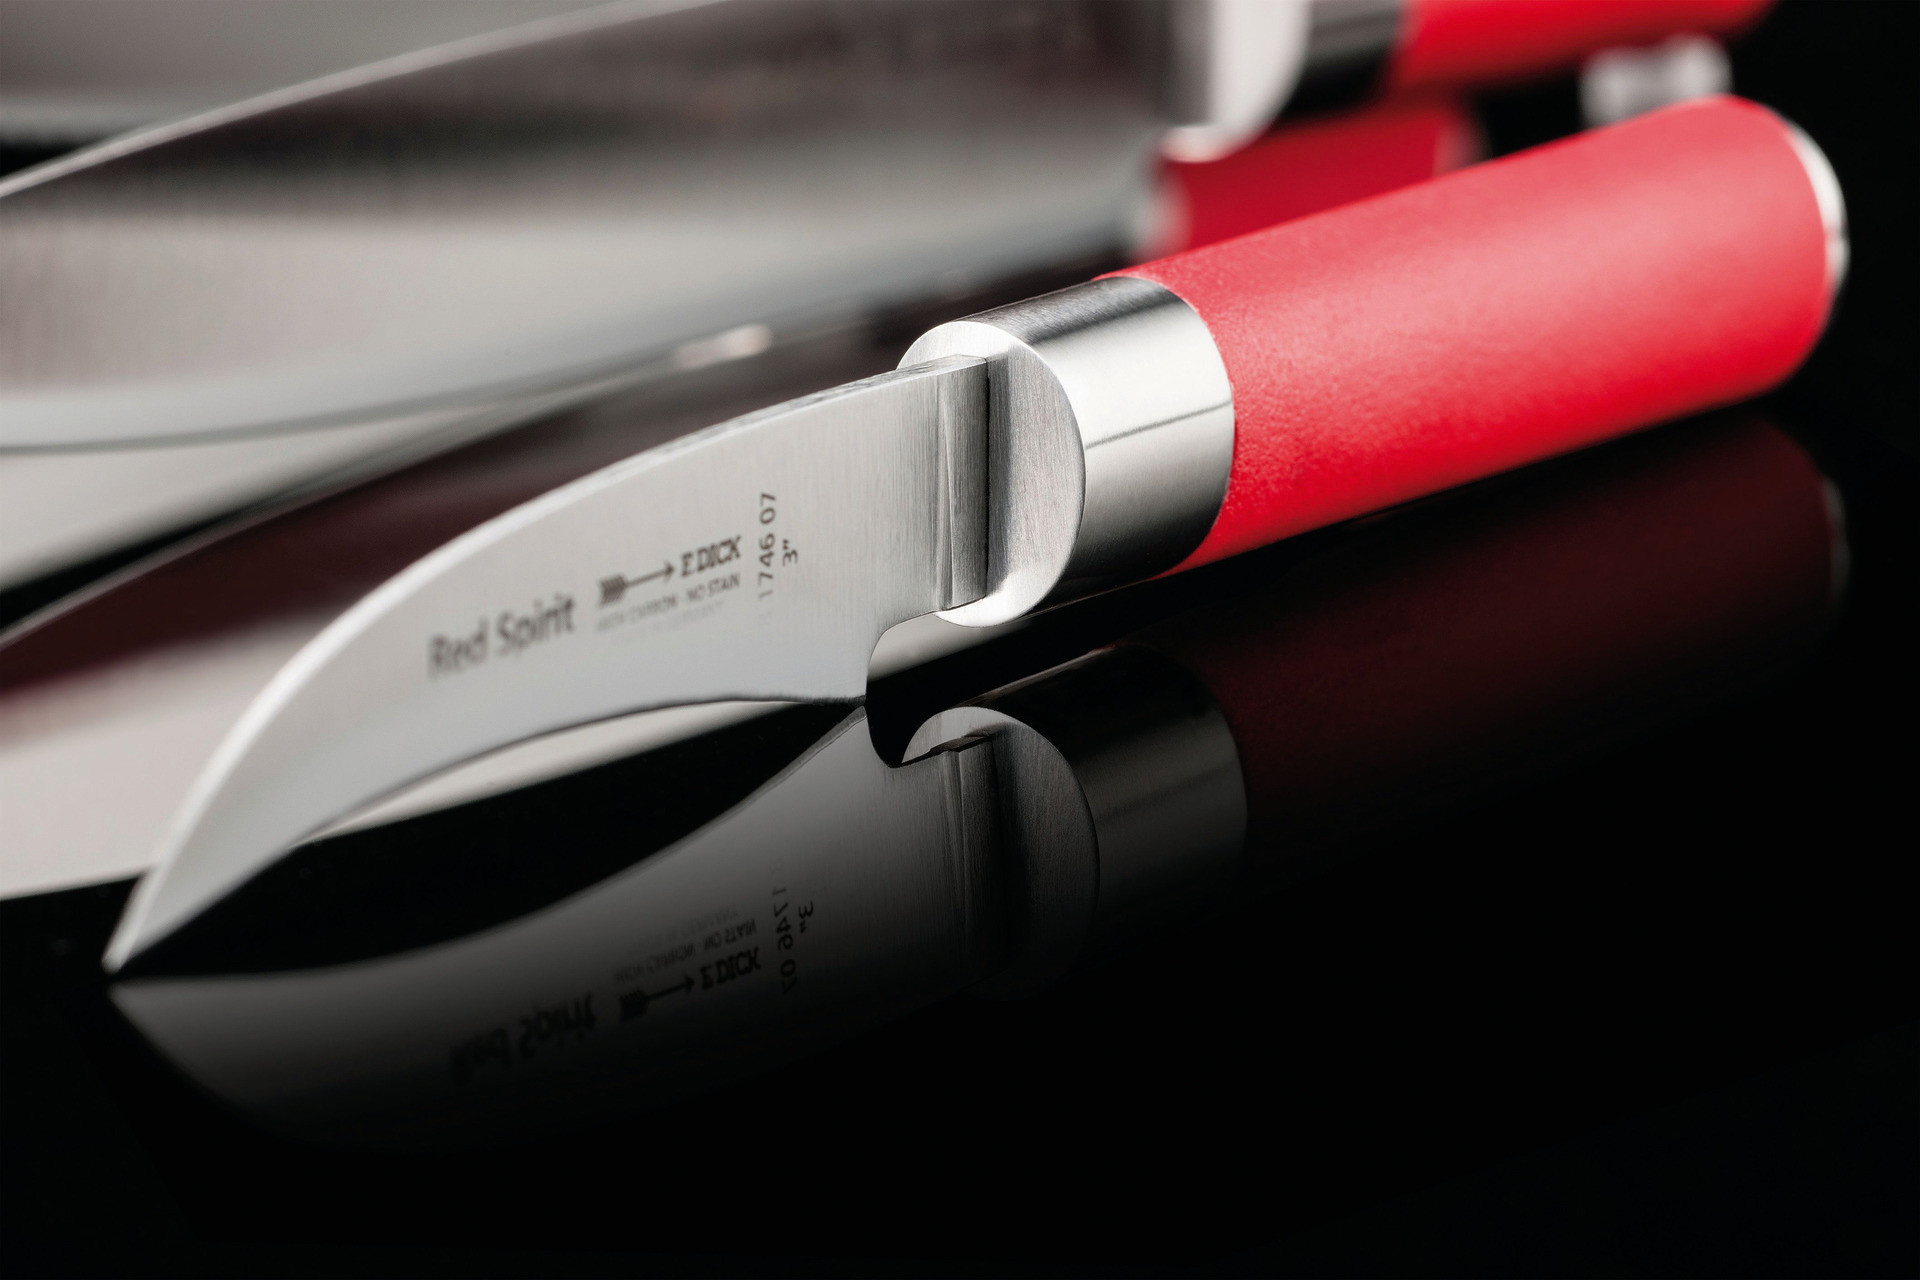 red spirit chinesisches kochmesser slicing klingenl nge 180 mm pentagast. Black Bedroom Furniture Sets. Home Design Ideas